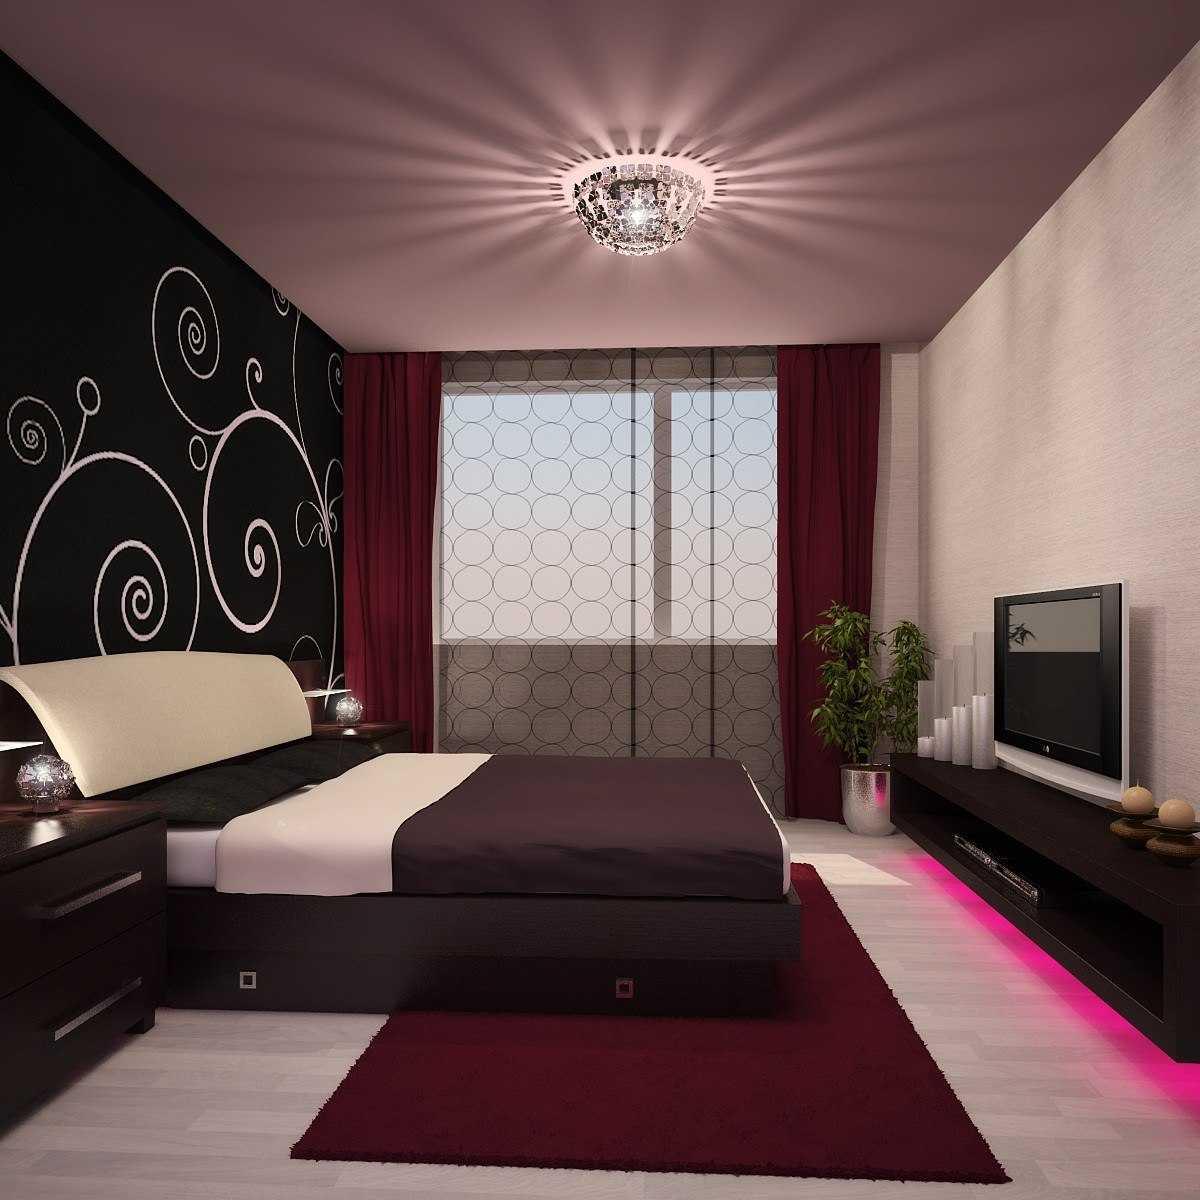 красивый дешевый ремонт в спальне частный дом фото намного